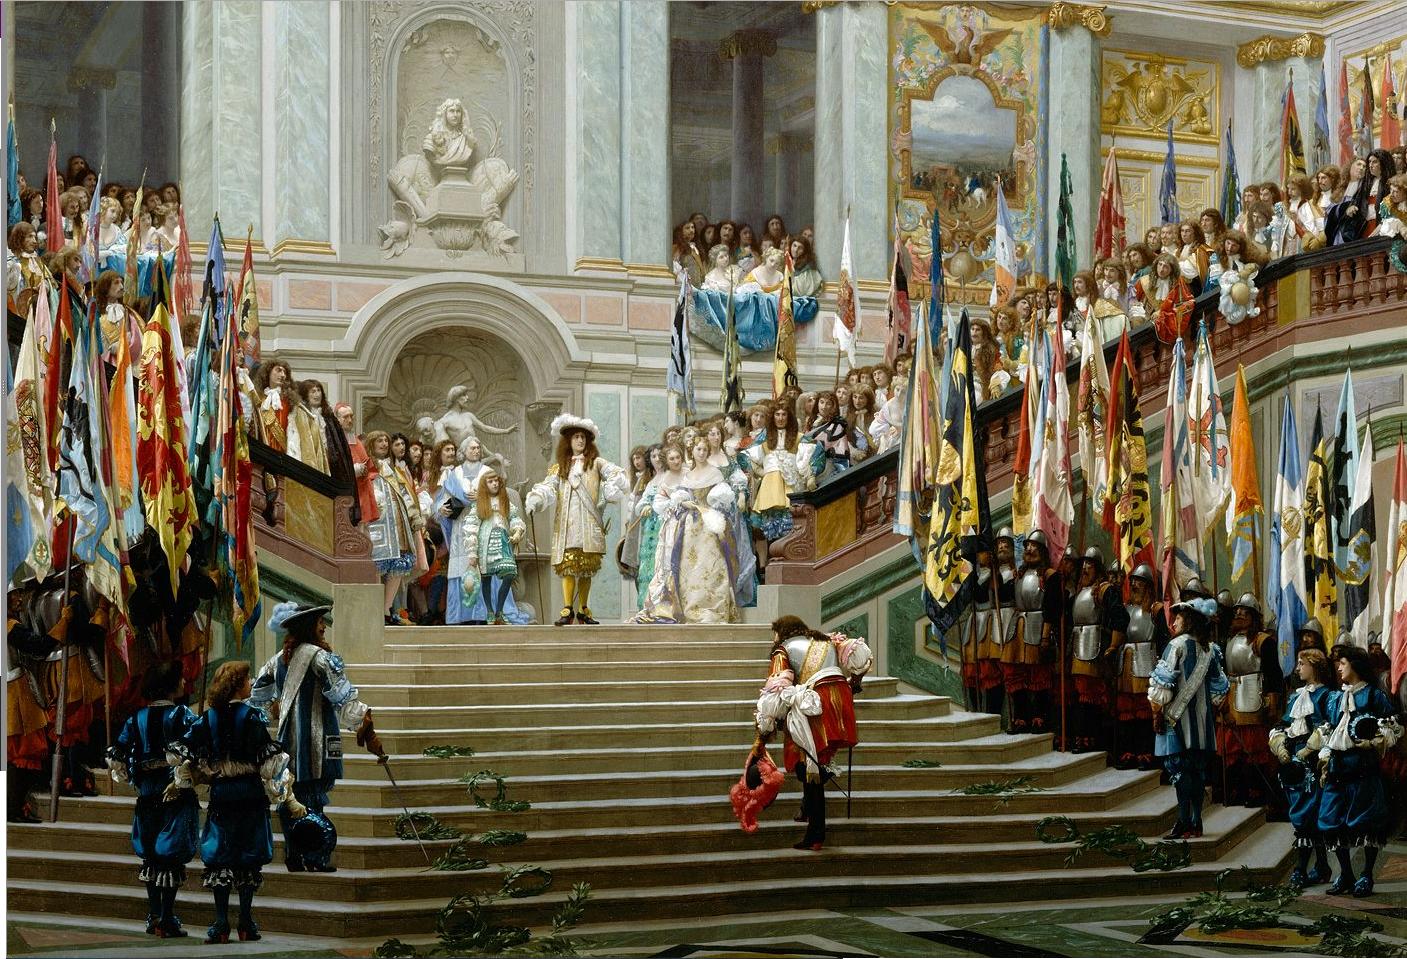 """Obraz namalowany w1878 r.pokazuje przyjęcie Wielkiego Kondeusza wWersalu przez Ludwika XIV. Kondeusz był głównym przywódcą tzw. """"frondy książęcej"""" iwalczył zabsolutyzmem reprezentowanym wówczas przez pierwszego ministra, kardynała Mazariniego.Autorem jest malarz Jean-Léon Gérôme (1824-1904). Zwróć uwagę, że obraz miał również aktualną dla czasu powstania wymowę. W1871 r. Niemcy podyktowały wWersalu Francji upokarzający pokój iogłosiły powstanie zjednoczonego Cesarstwa Niemiec. Obraz miał przypomnieć chwilę triumfu państwa francuskiego, ale też pokazać, że dawny triumfatorzy będą musieli się ukorzyć przed Majestatem Francji. Obraz namalowany w1878 r.pokazuje przyjęcie Wielkiego Kondeusza wWersalu przez Ludwika XIV. Kondeusz był głównym przywódcą tzw. """"frondy książęcej"""" iwalczył zabsolutyzmem reprezentowanym wówczas przez pierwszego ministra, kardynała Mazariniego.Autorem jest malarz Jean-Léon Gérôme (1824-1904). Zwróć uwagę, że obraz miał również aktualną dla czasu powstania wymowę. W1871 r. Niemcy podyktowały wWersalu Francji upokarzający pokój iogłosiły powstanie zjednoczonego Cesarstwa Niemiec. Obraz miał przypomnieć chwilę triumfu państwa francuskiego, ale też pokazać, że dawny triumfatorzy będą musieli się ukorzyć przed Majestatem Francji. Źródło: Jean-Léon Gérôme, 1878, domena publiczna."""